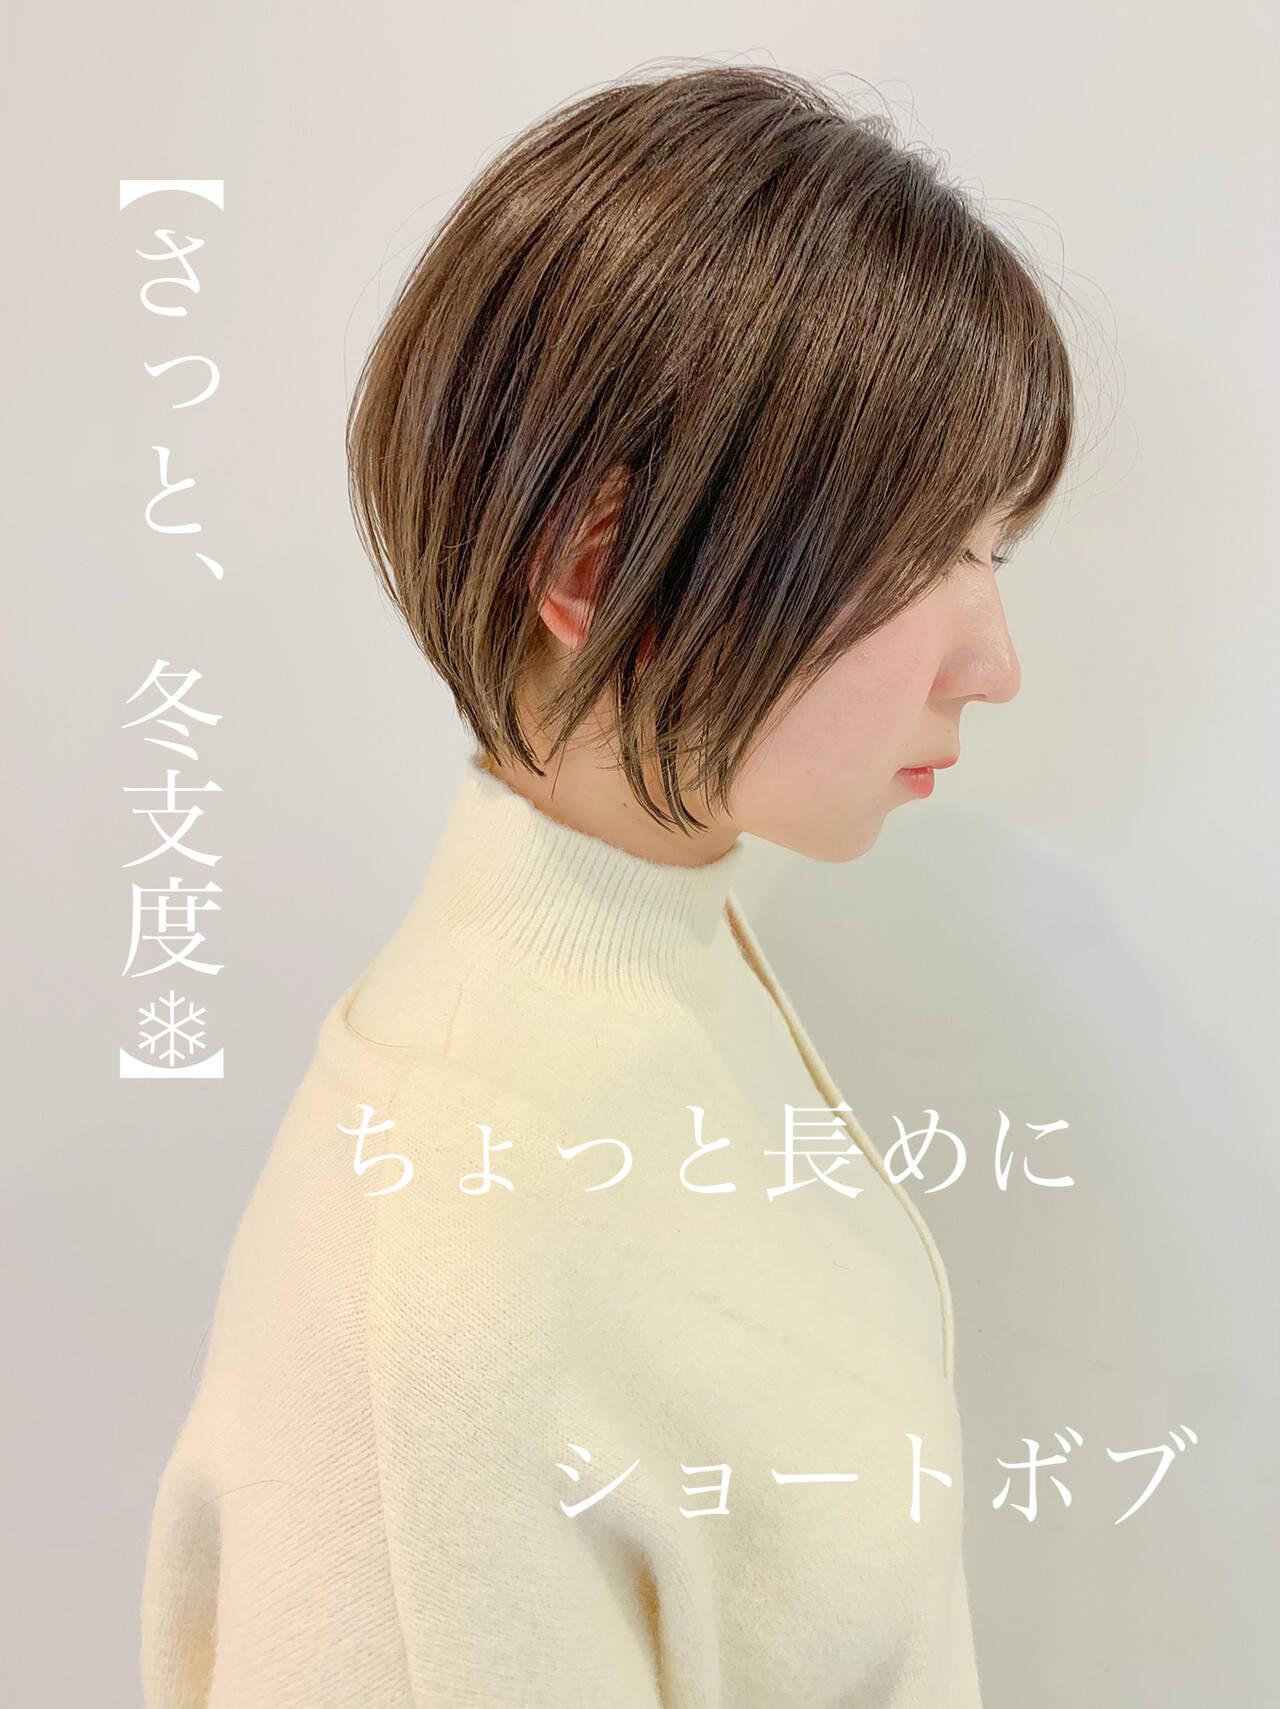 ショート ナチュラル ショートヘア ミニボブヘアスタイルや髪型の写真・画像